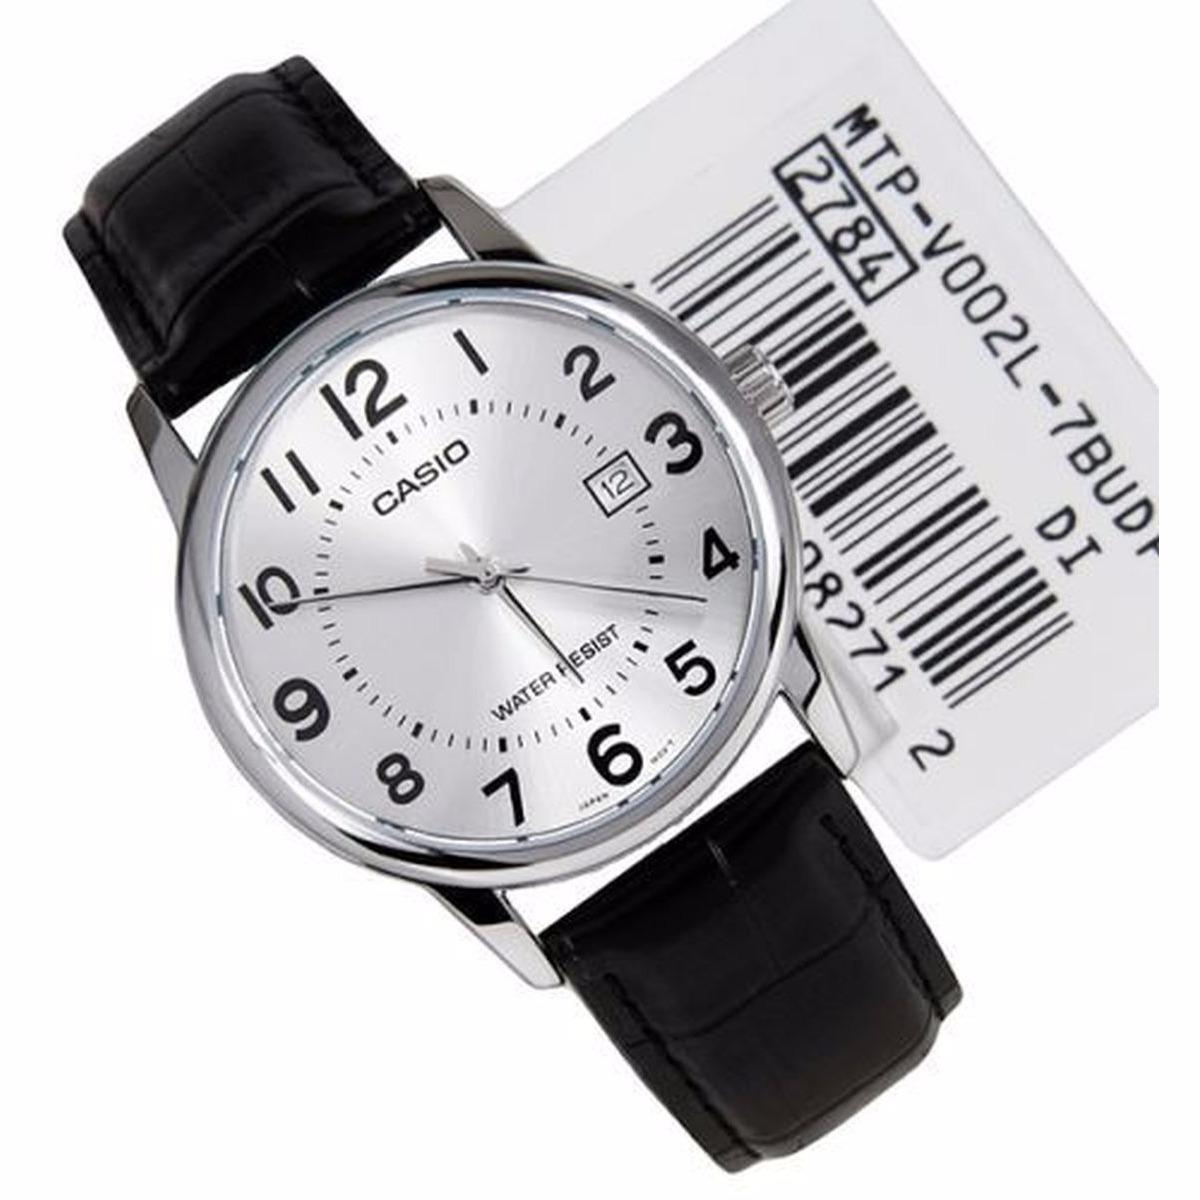 5231cf06250 relógio masculino casio couro preto visor prata números data. Carregando  zoom.